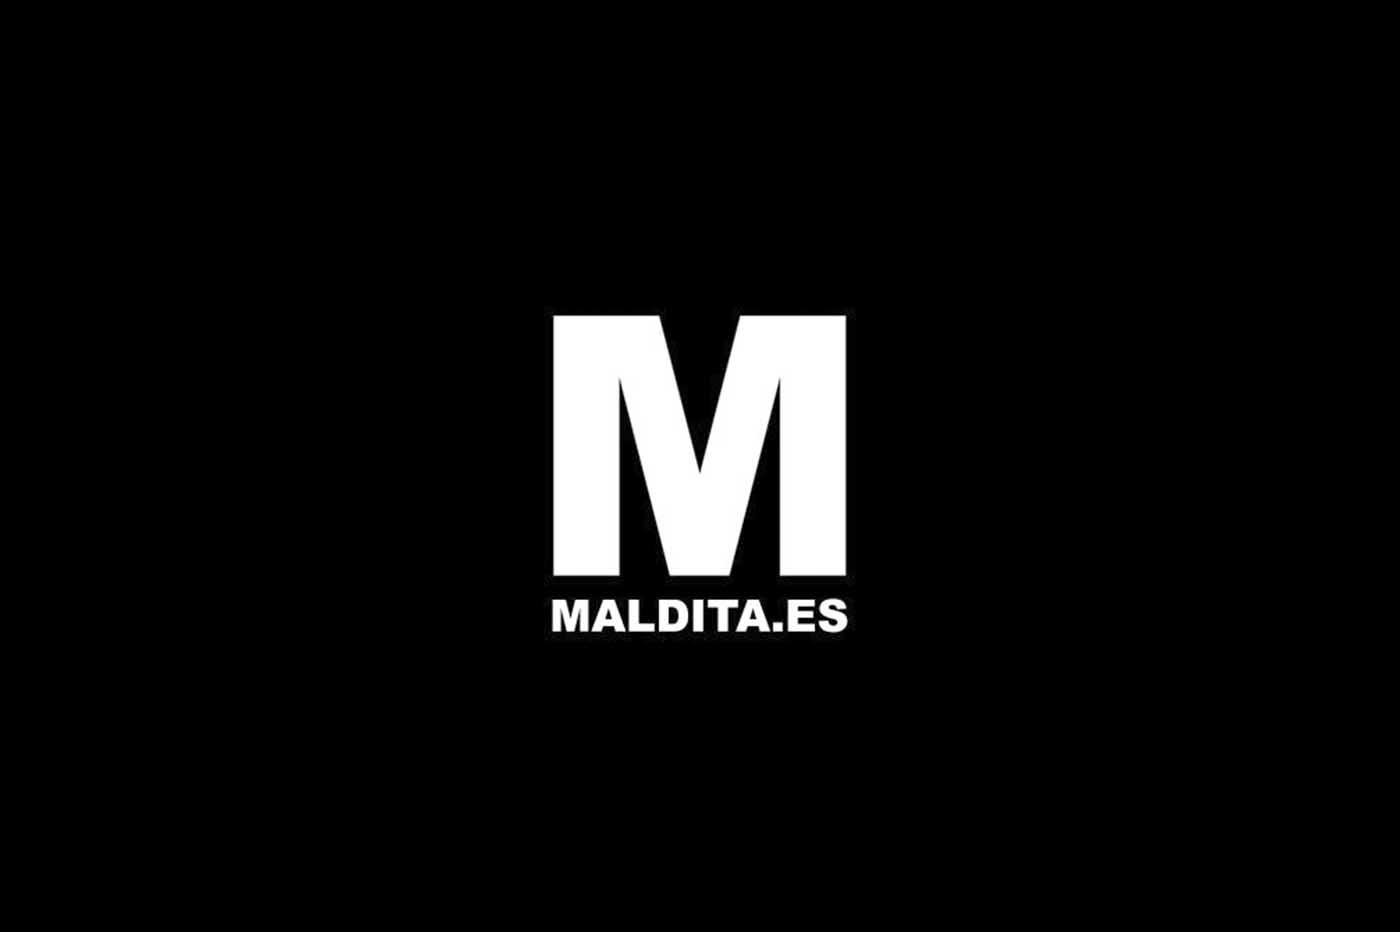 Crítica Maldita.es